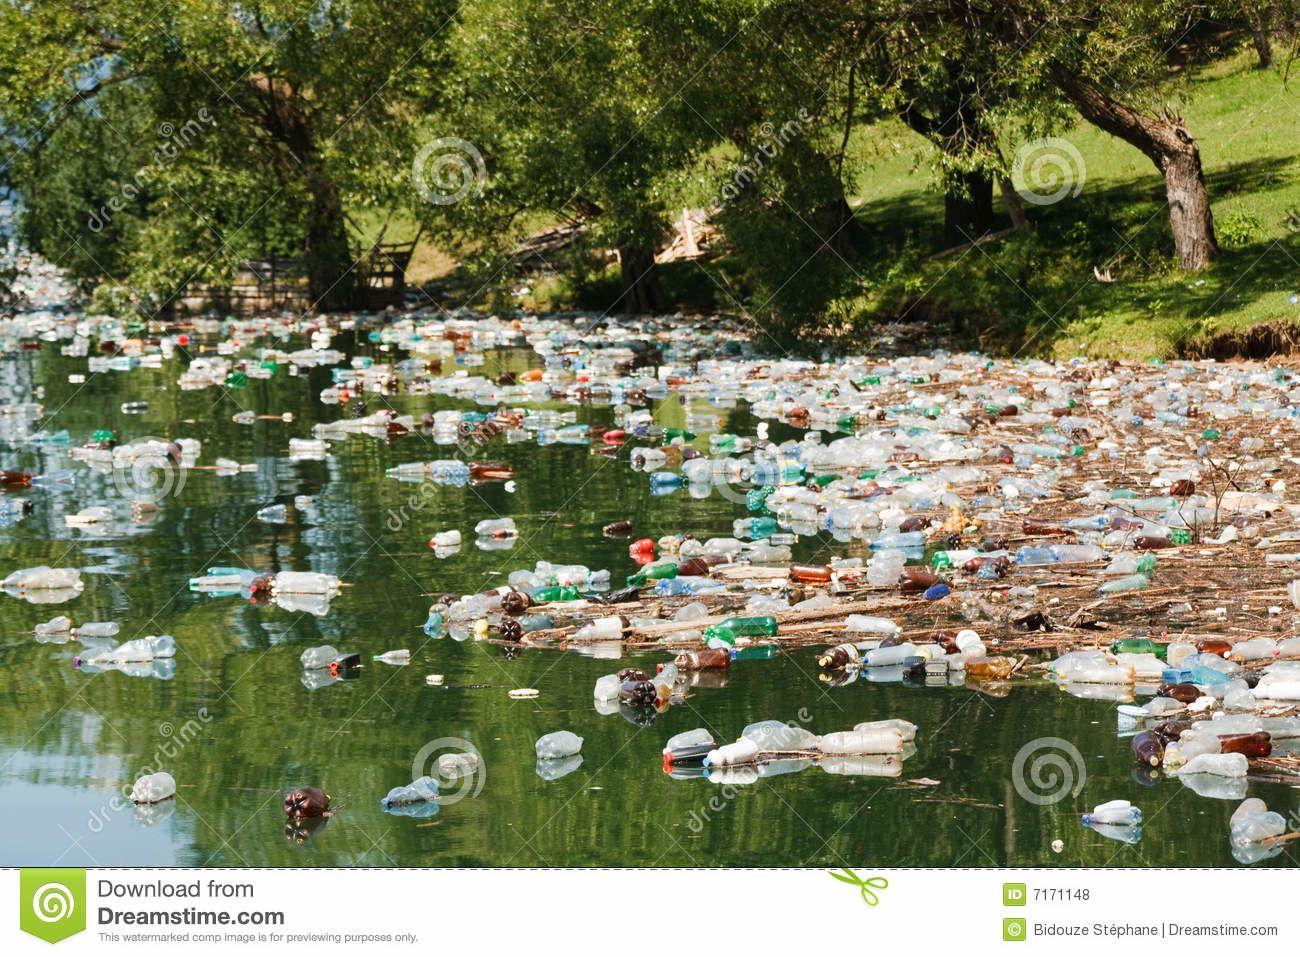 la pollution plastique n'ignore pas les rivières...